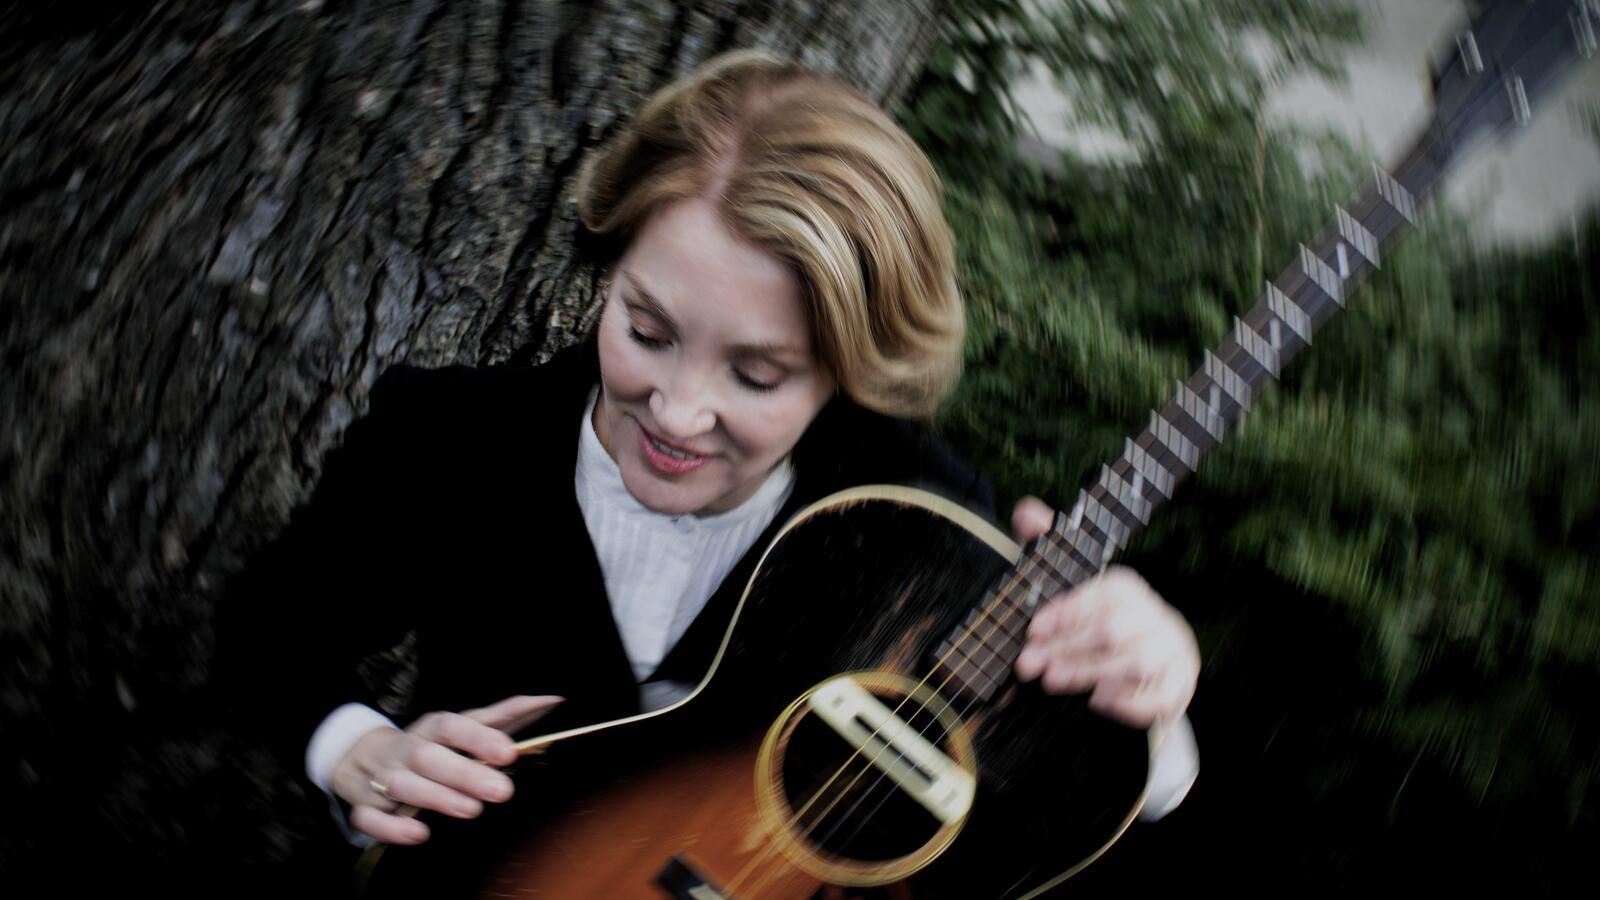 Diana Jones, singer-songwriter